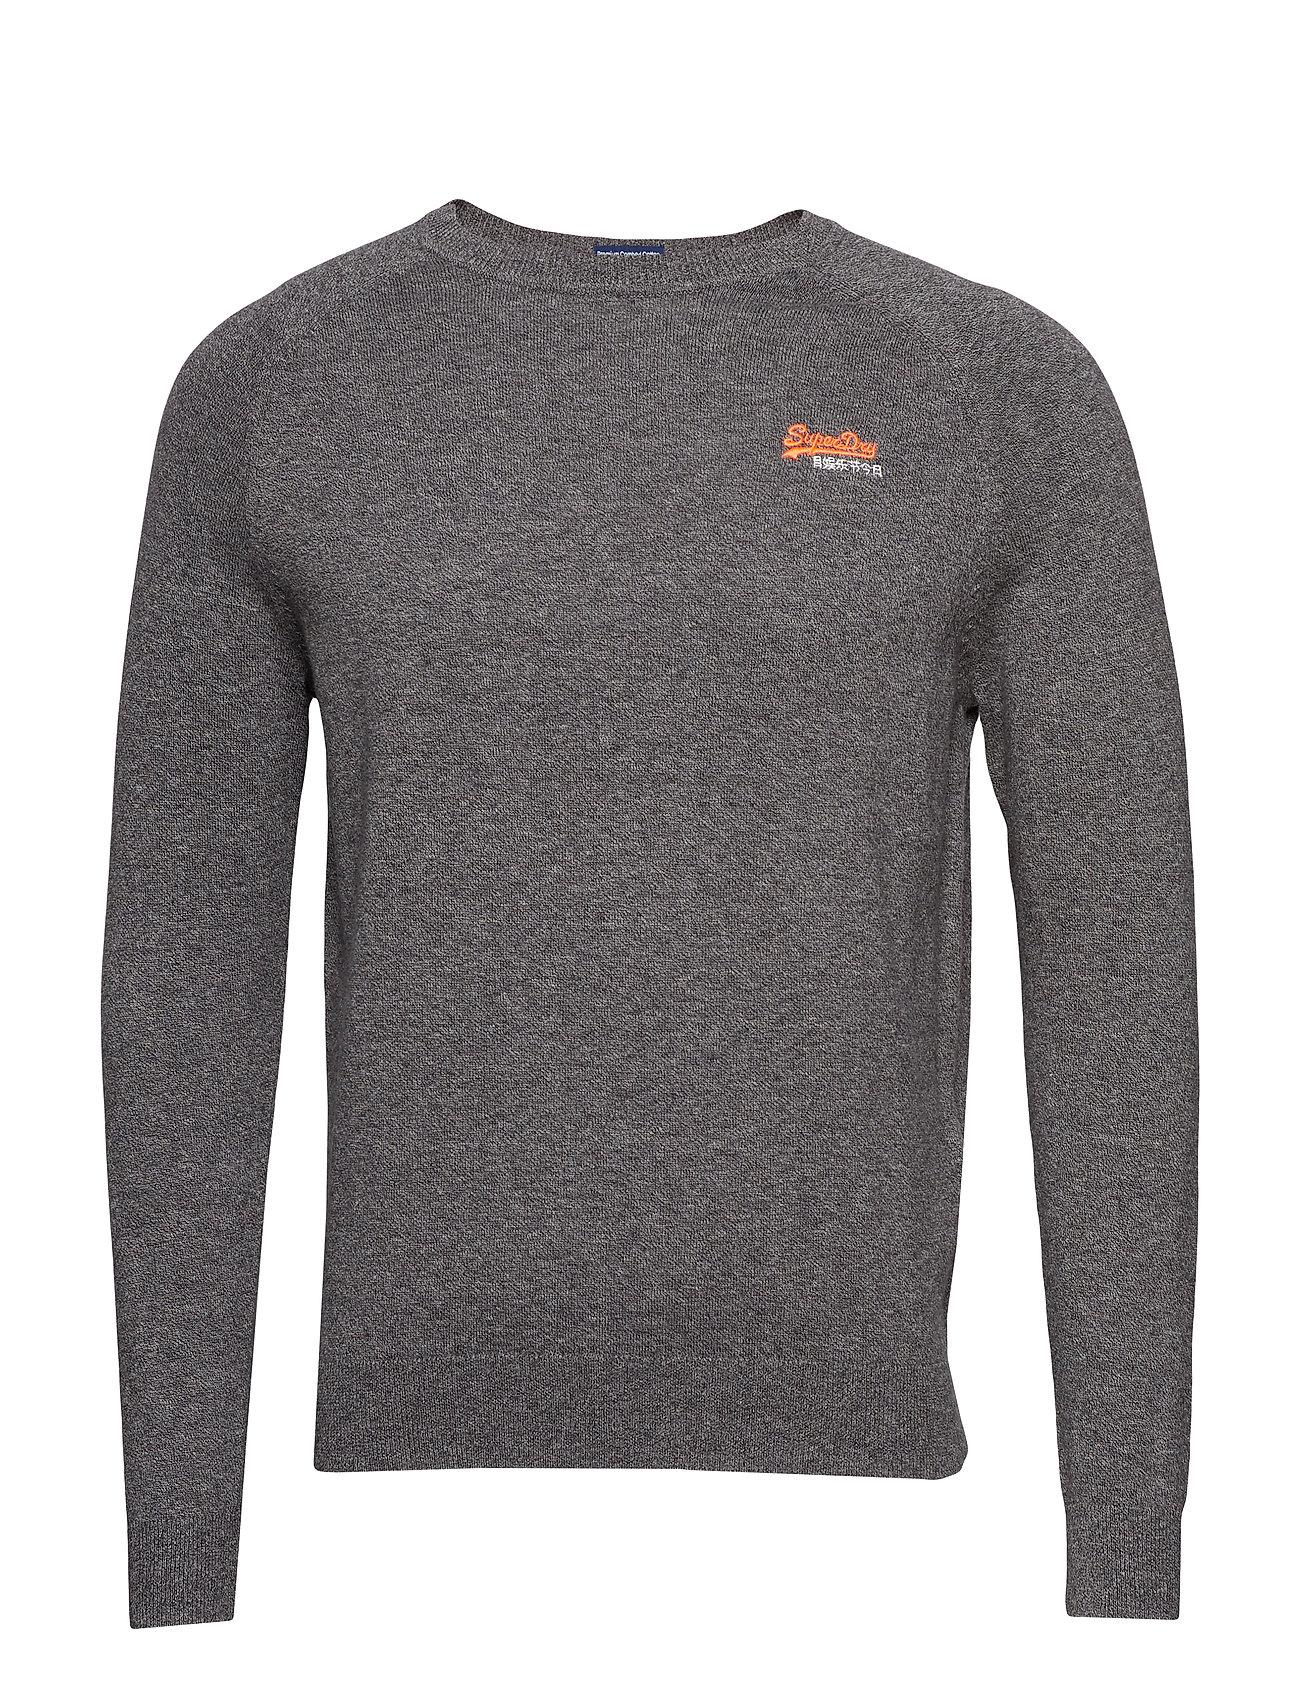 Grit Cotton graphite Crew 95 59 Label Orange 1IFq84